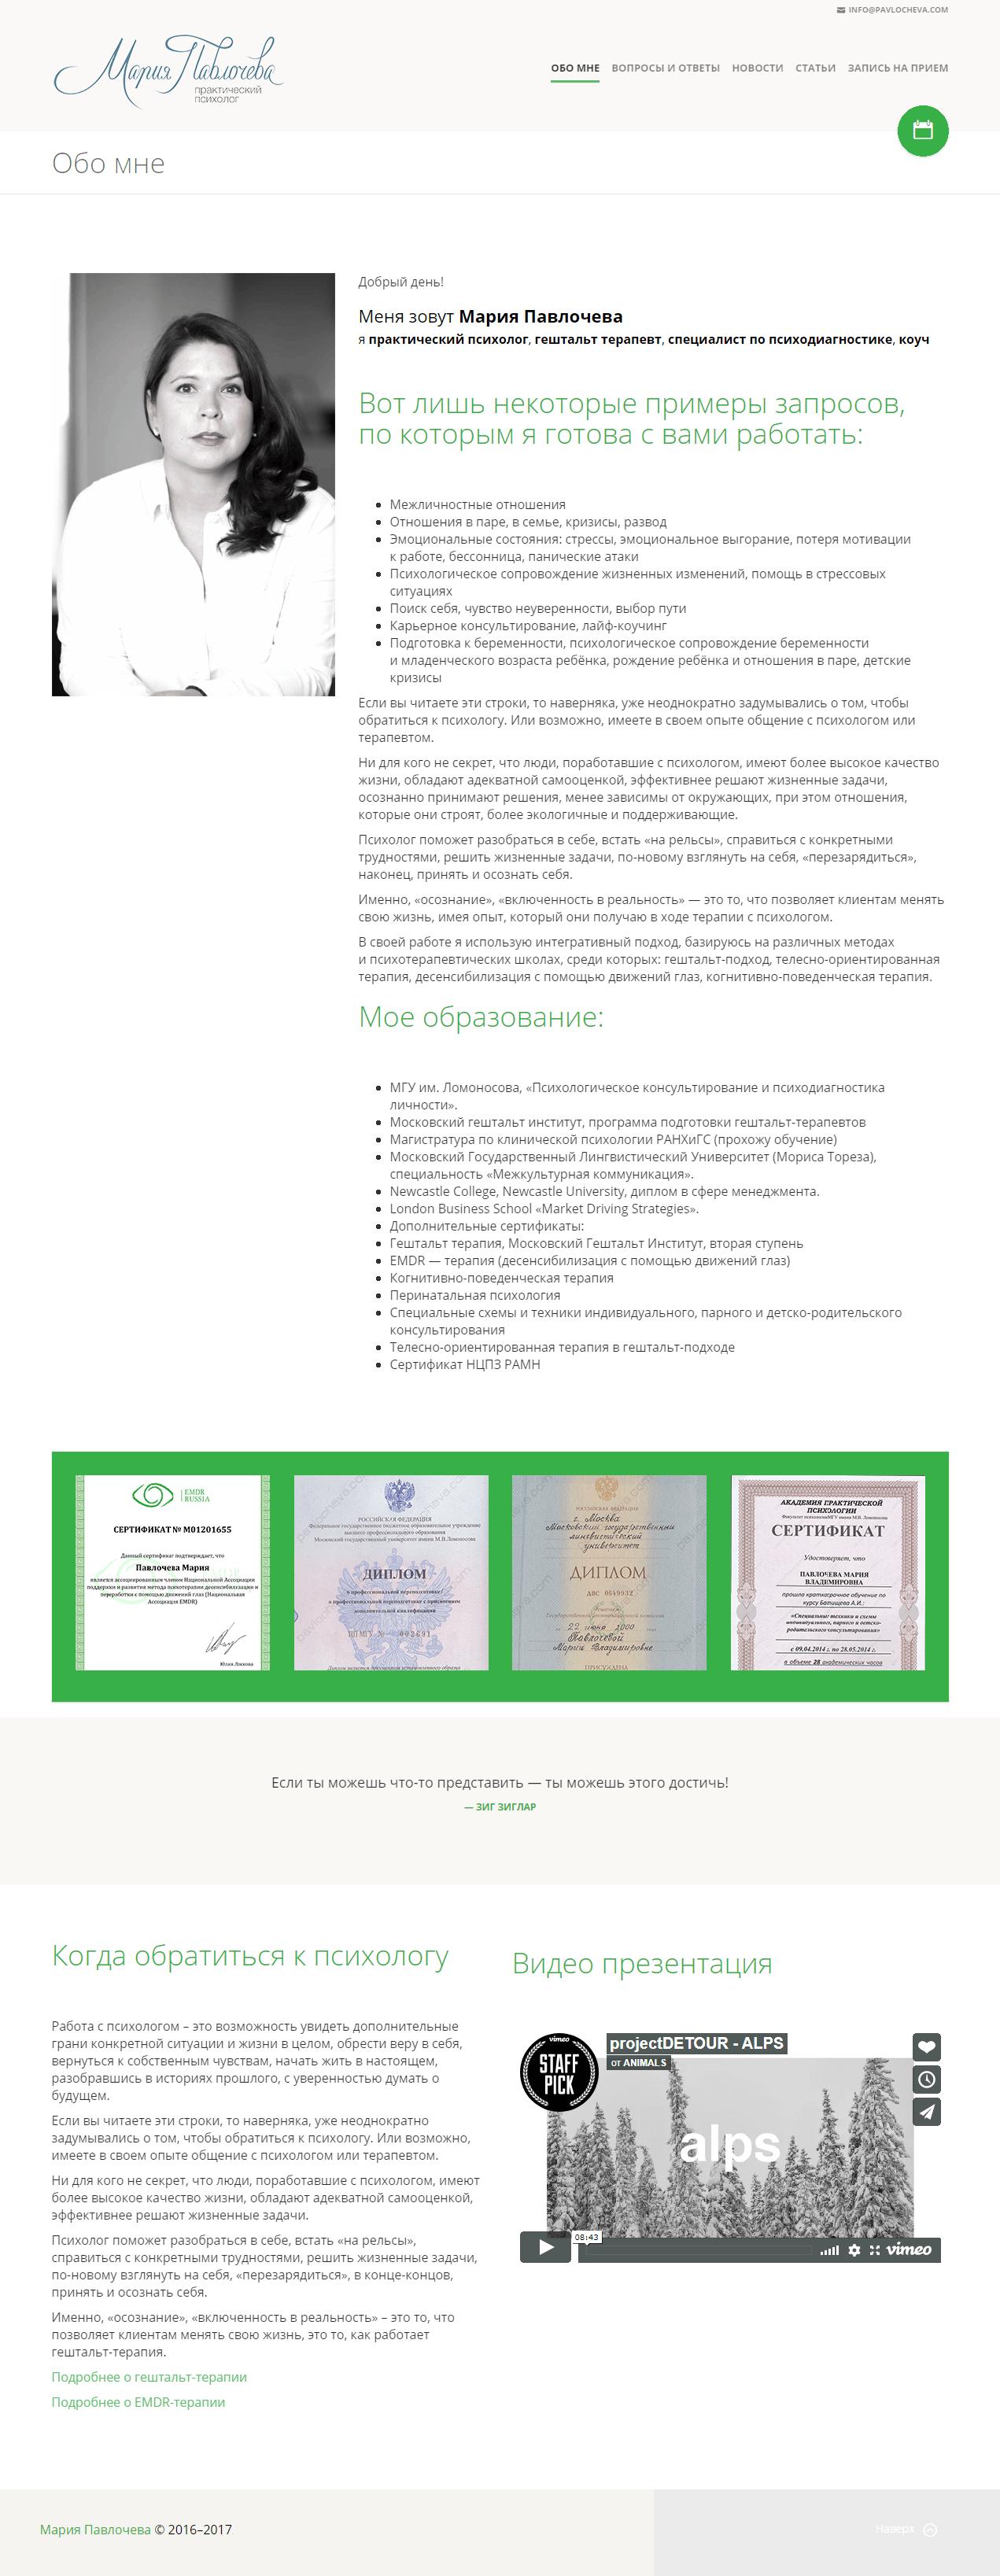 Создание сайта Практикующего психолога